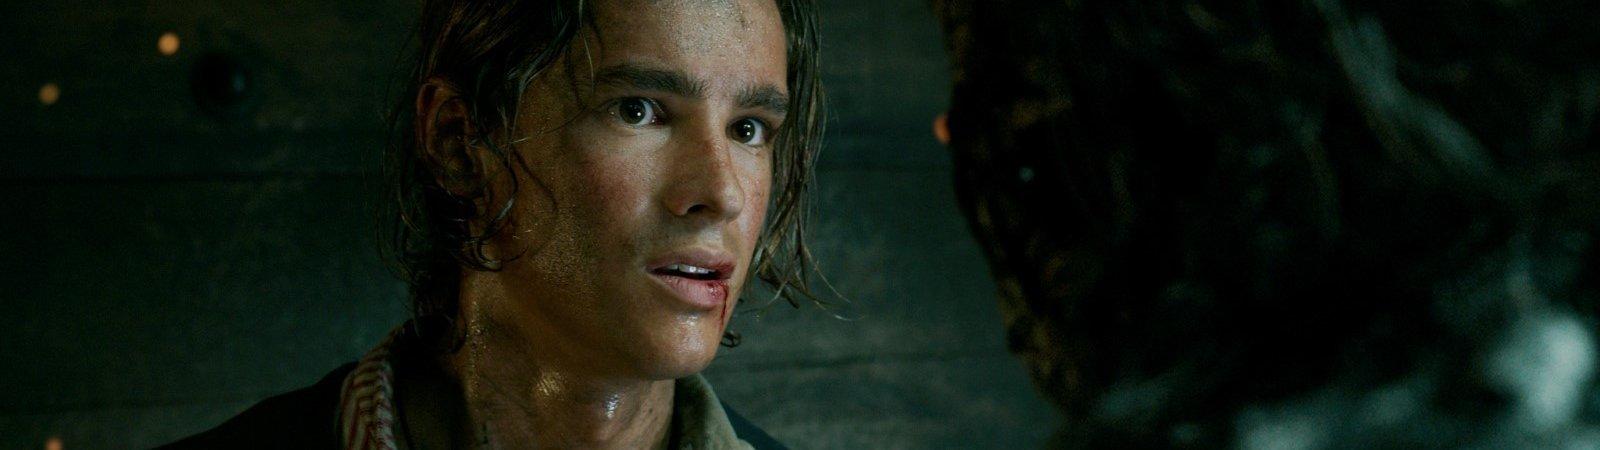 Photo du film : Pirates des Caraïbes : La vengeance de Salazar